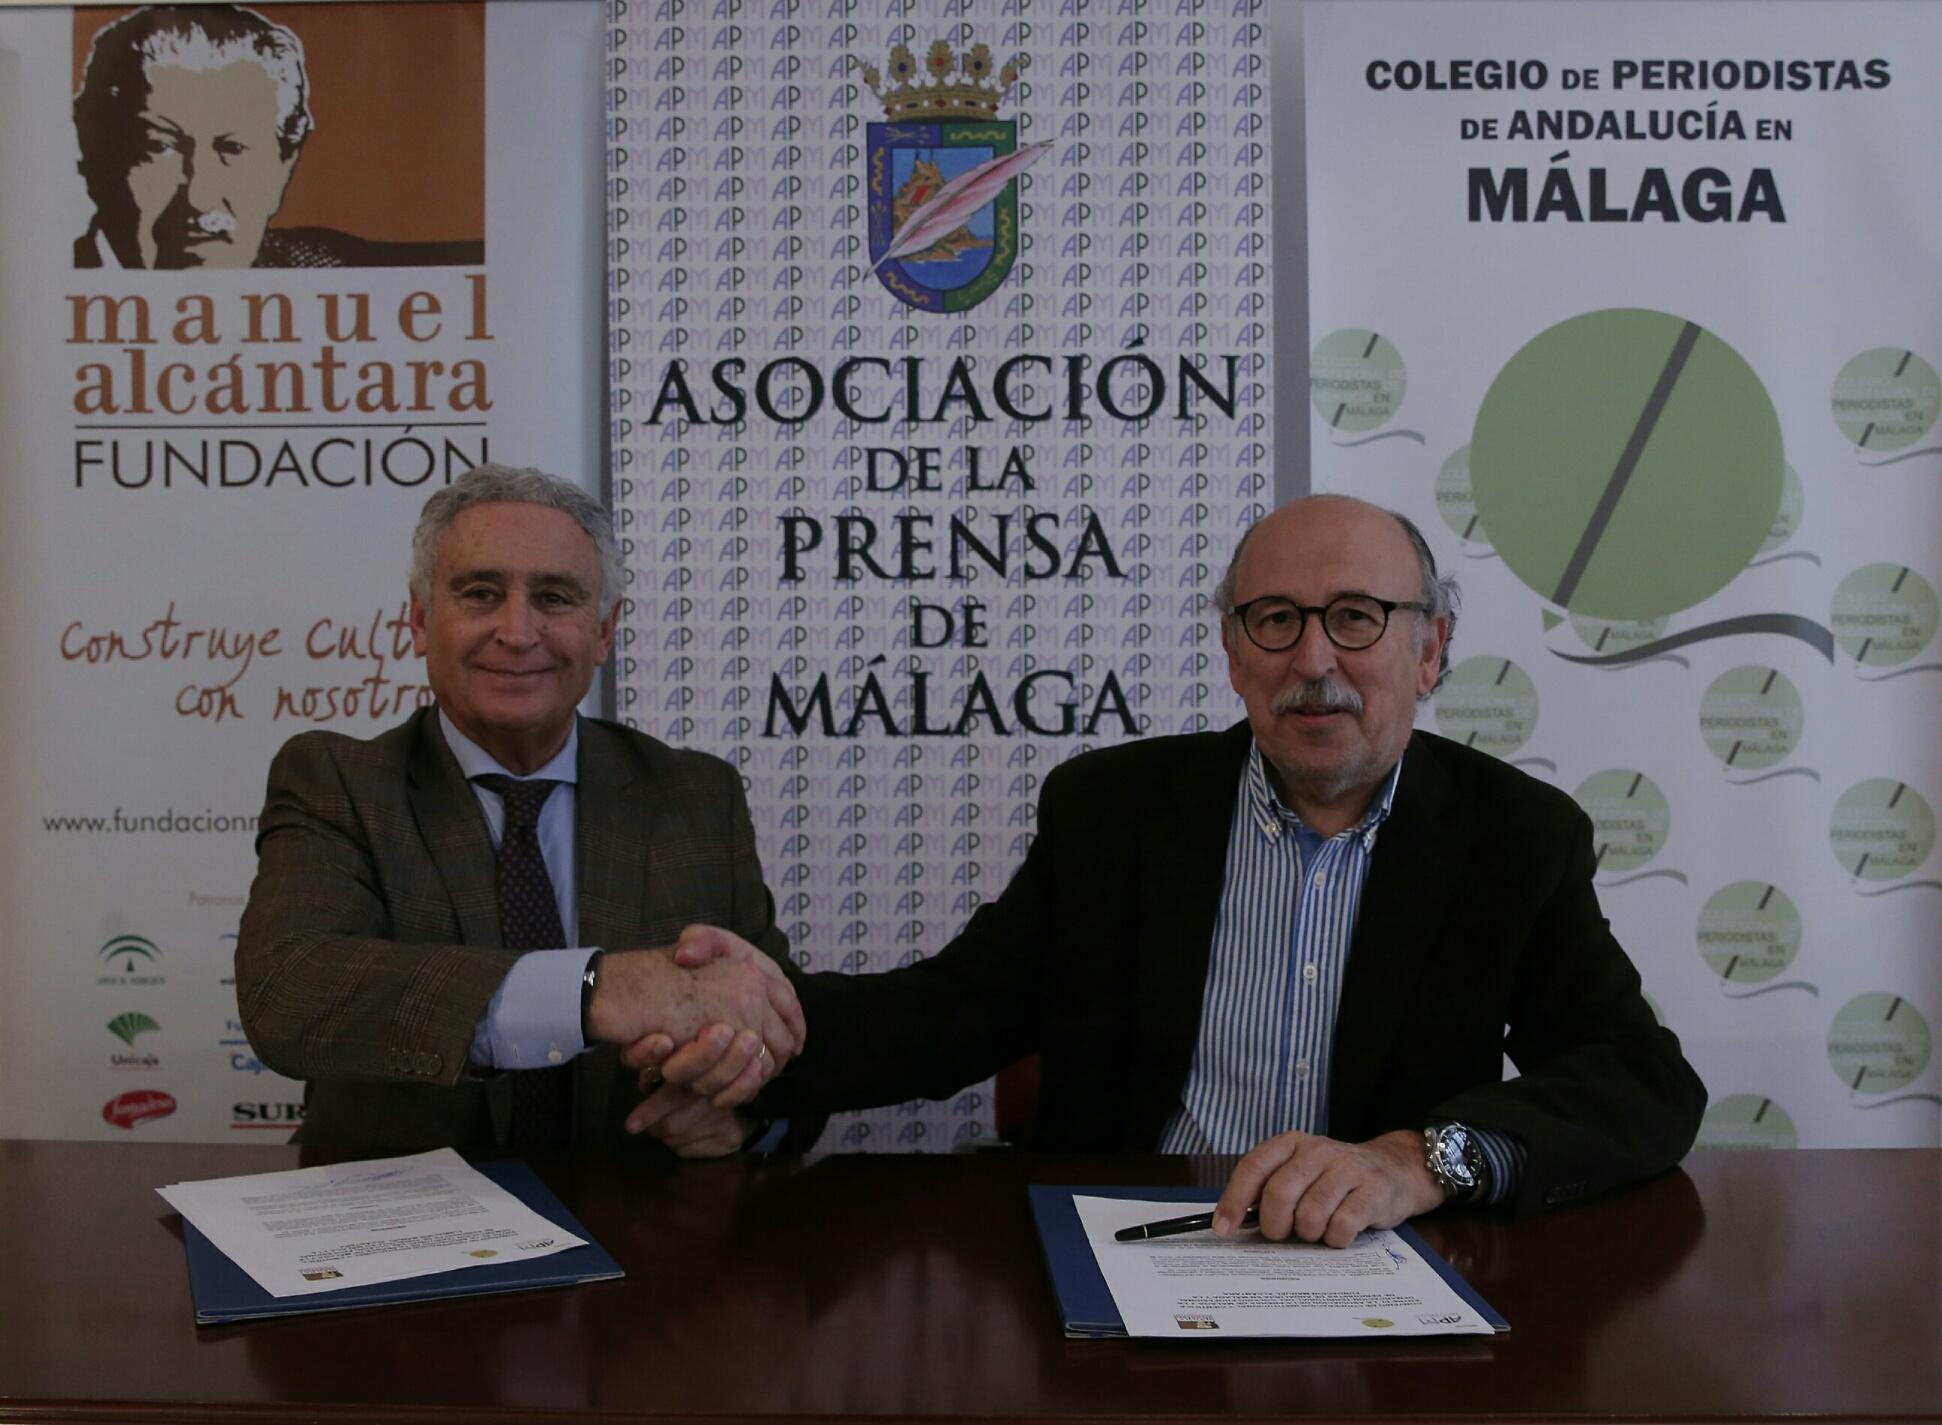 Firma convenio entre Asociación de la Prensa y Fundación Manuel Alcántara